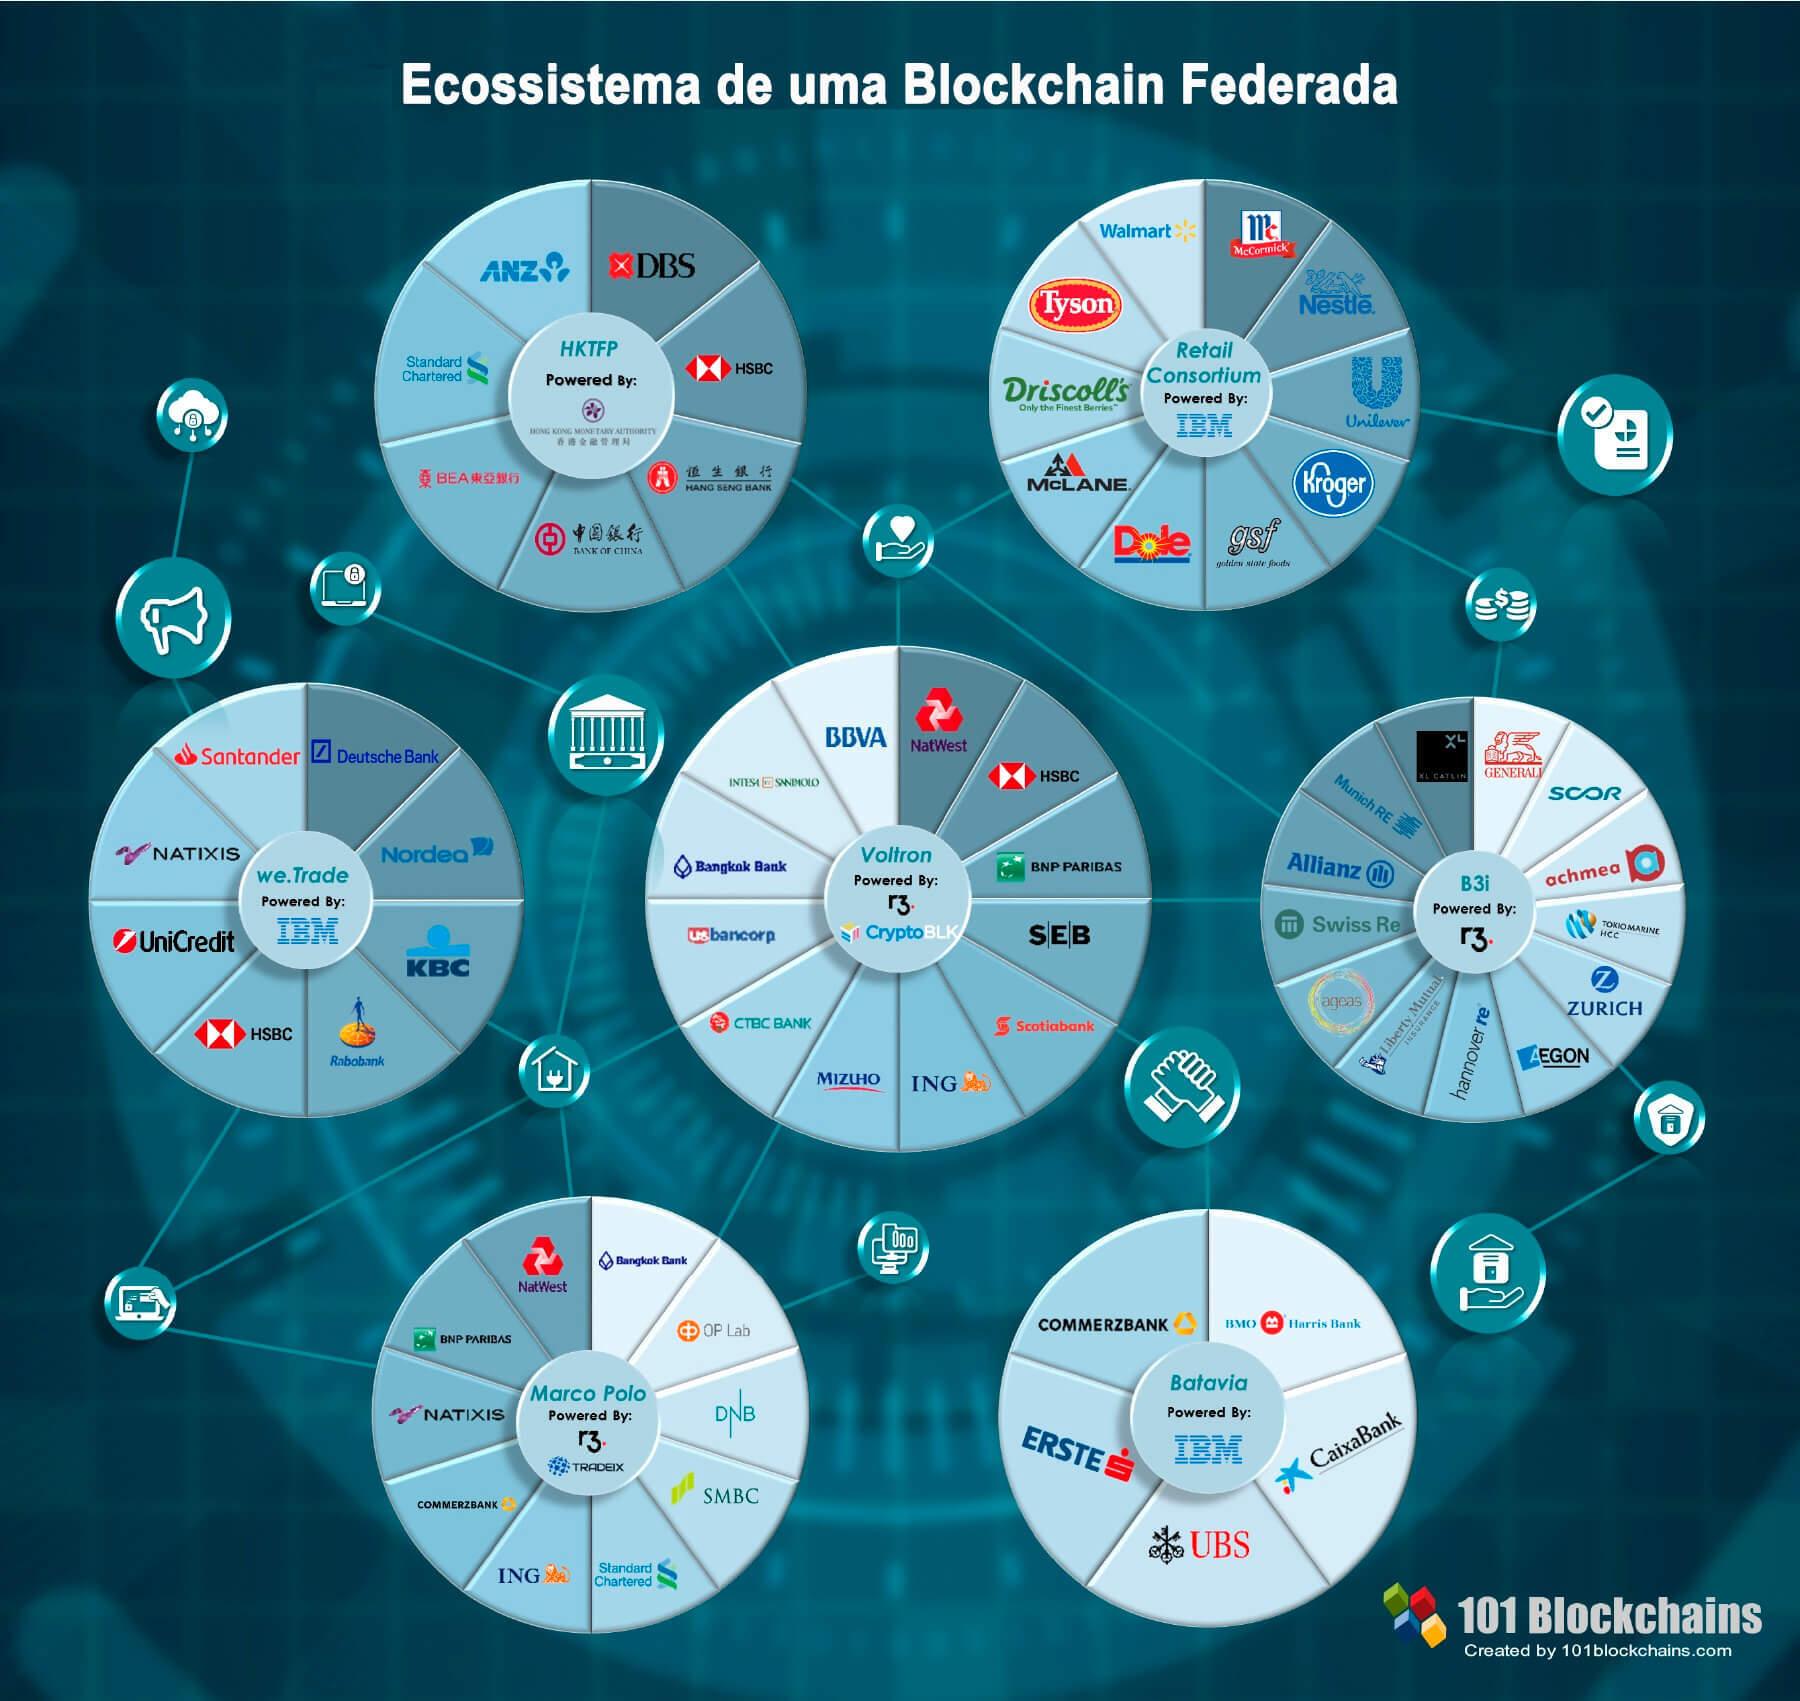 ecosistema de las blockchain federadas